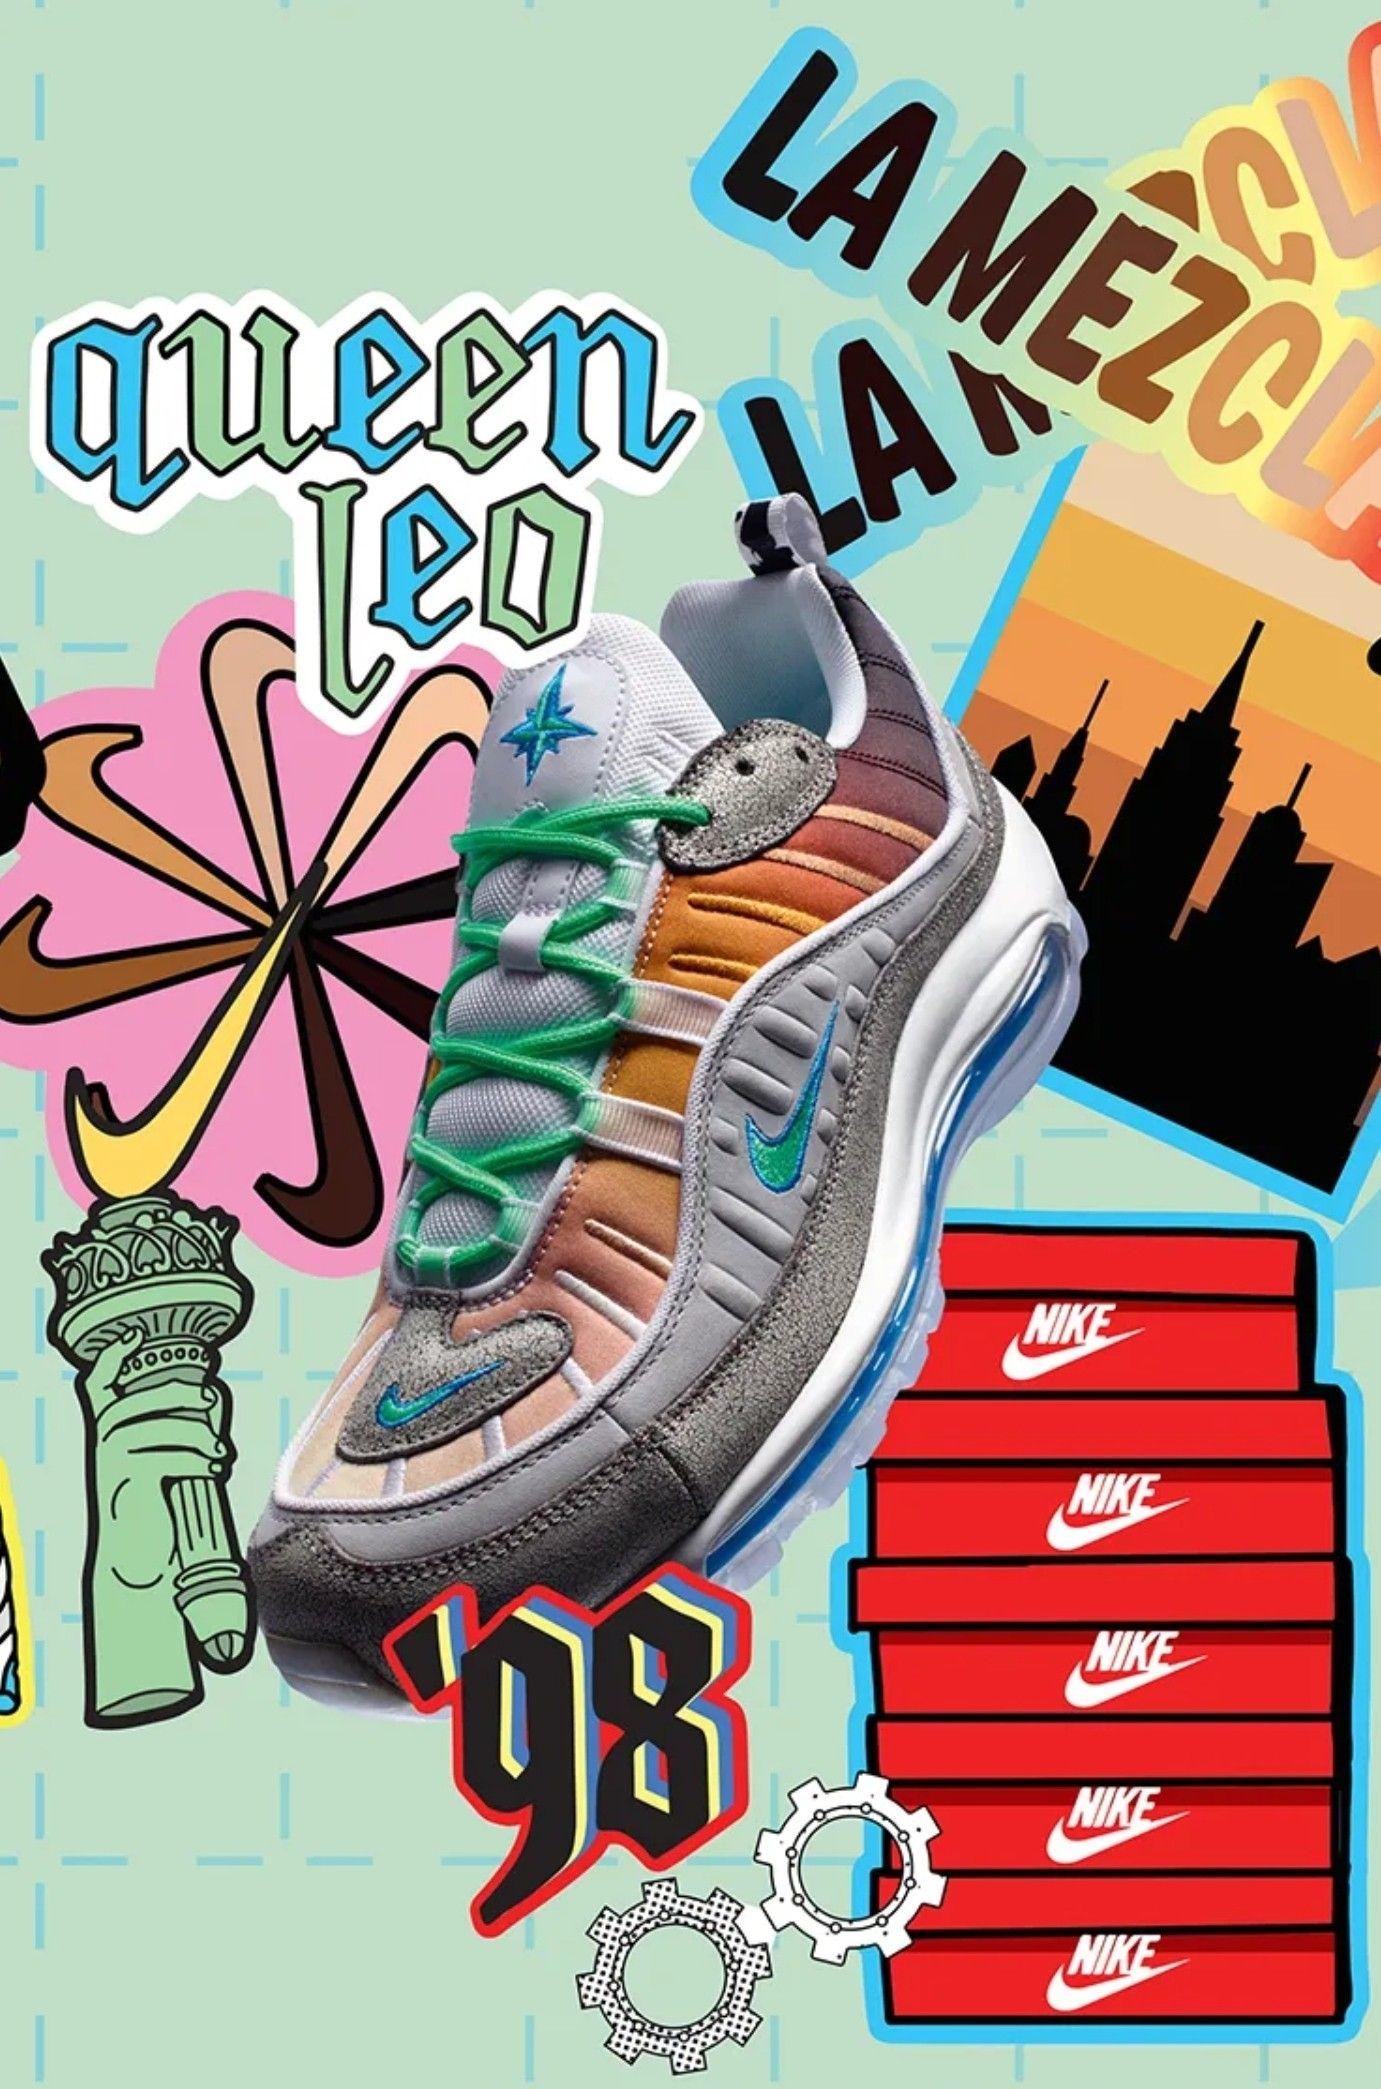 Pin on Sneaker Mueum